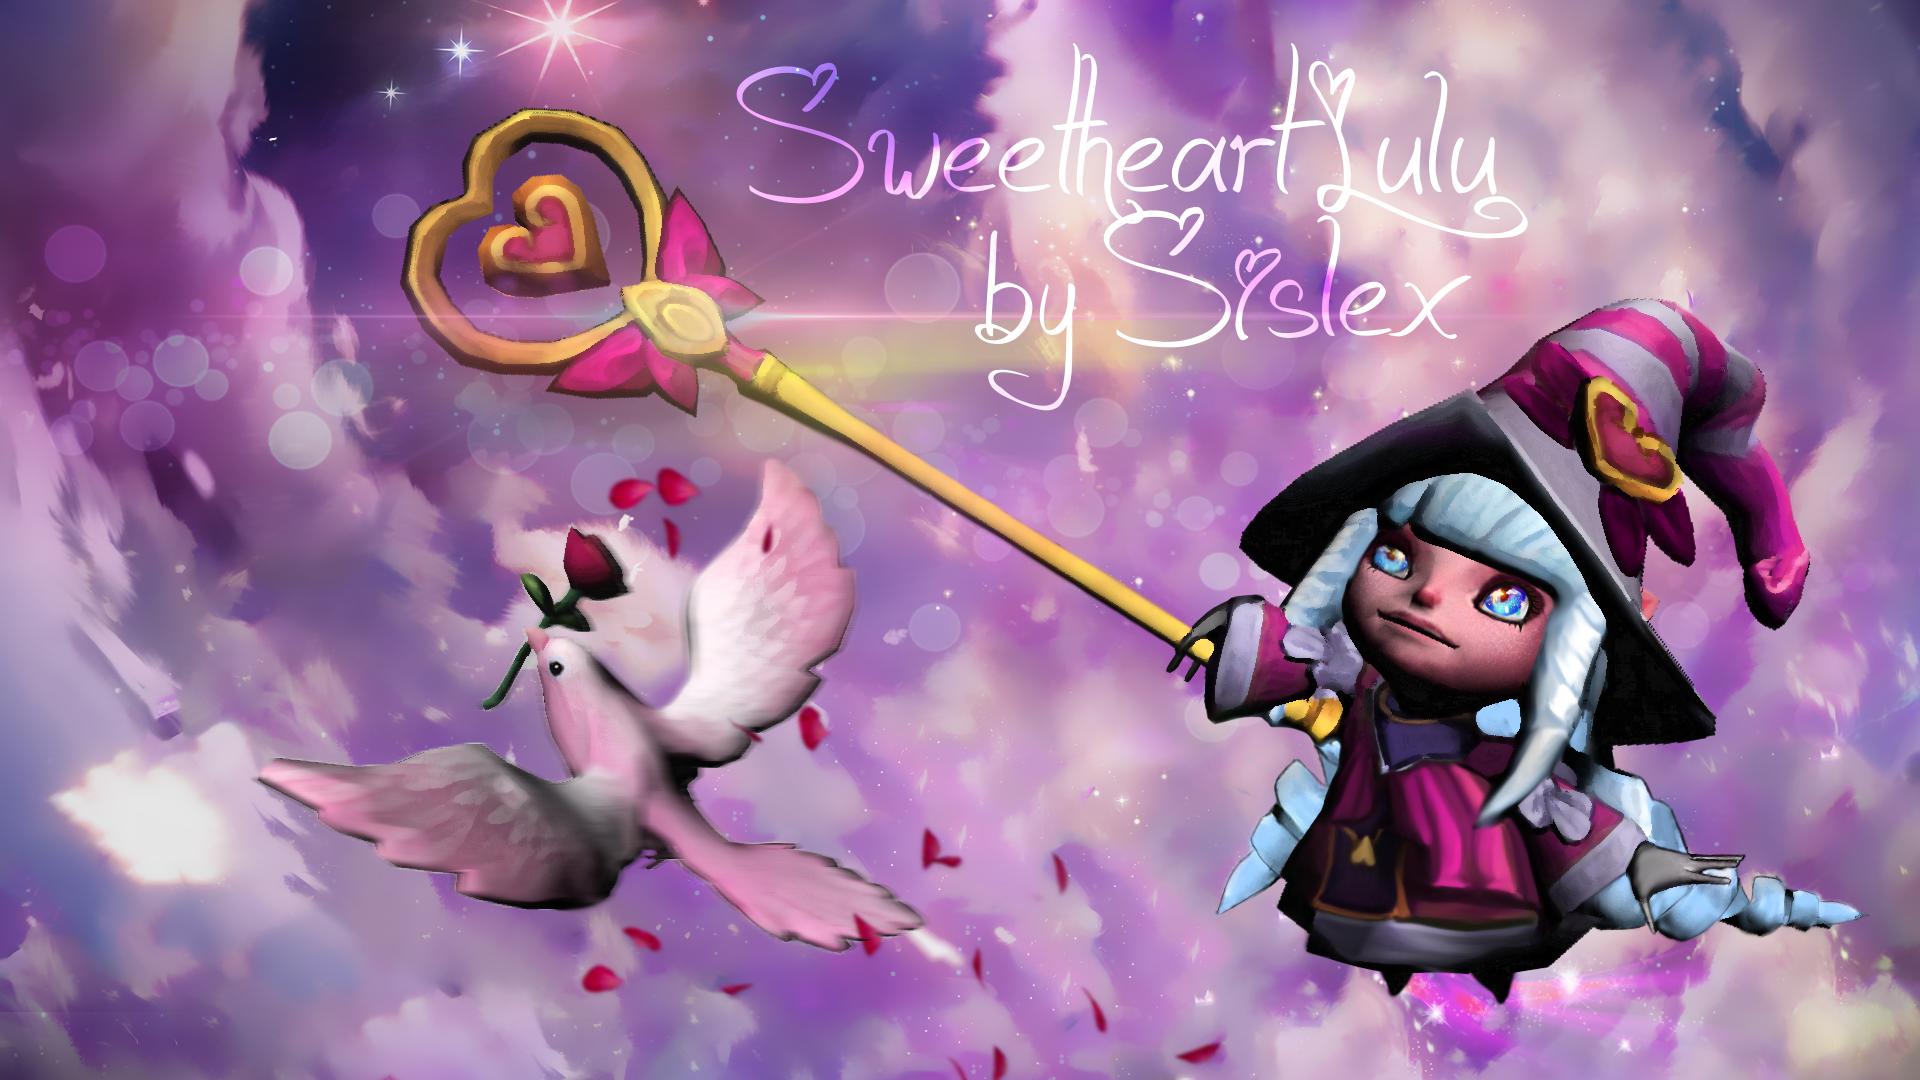 Sweetheart Lulu